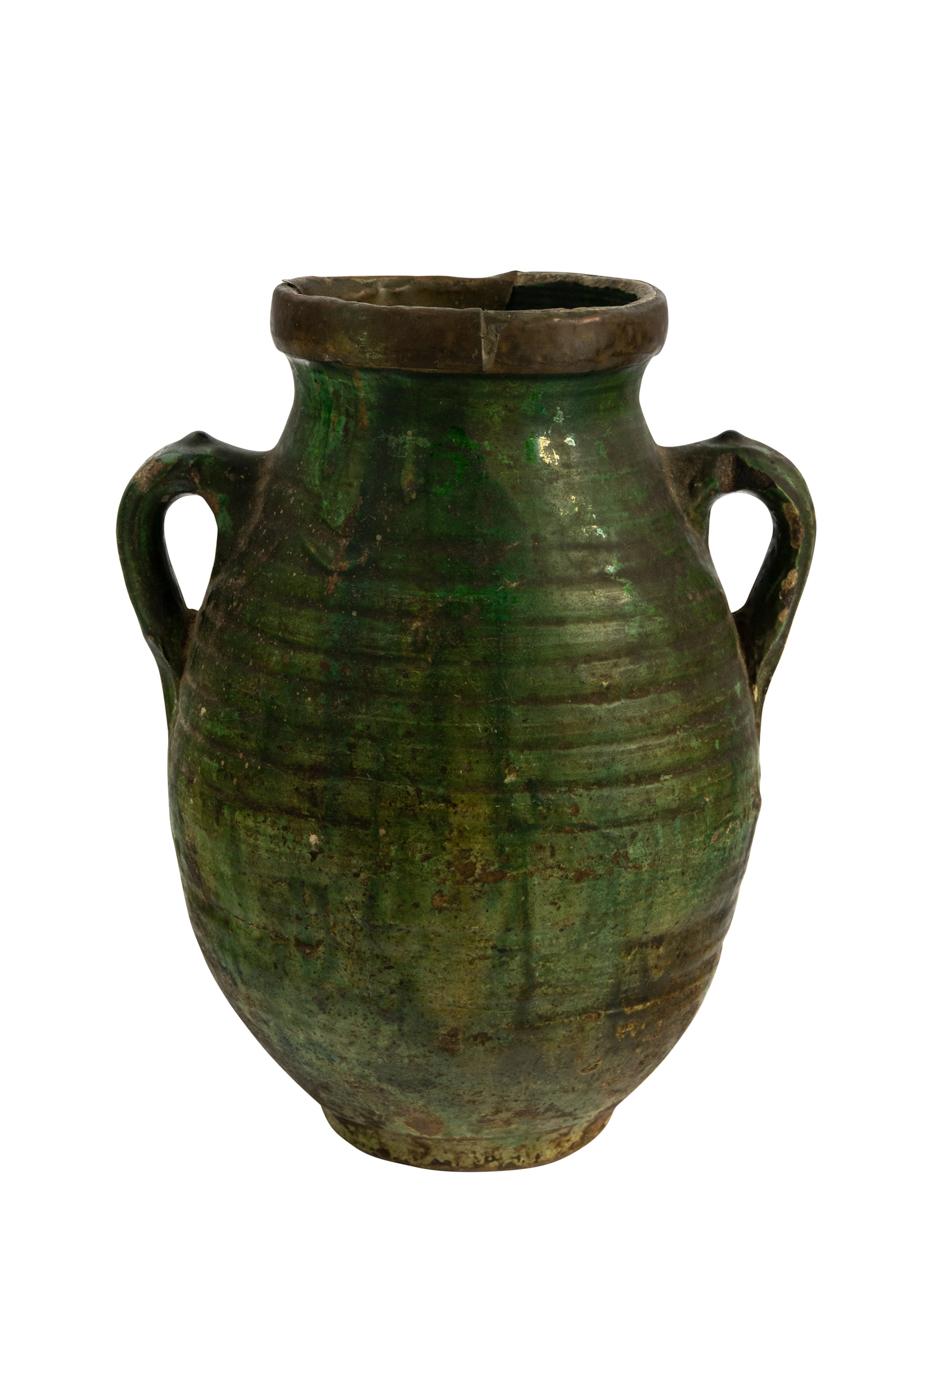 Jarrón Marroquí en cerámica con dos asas